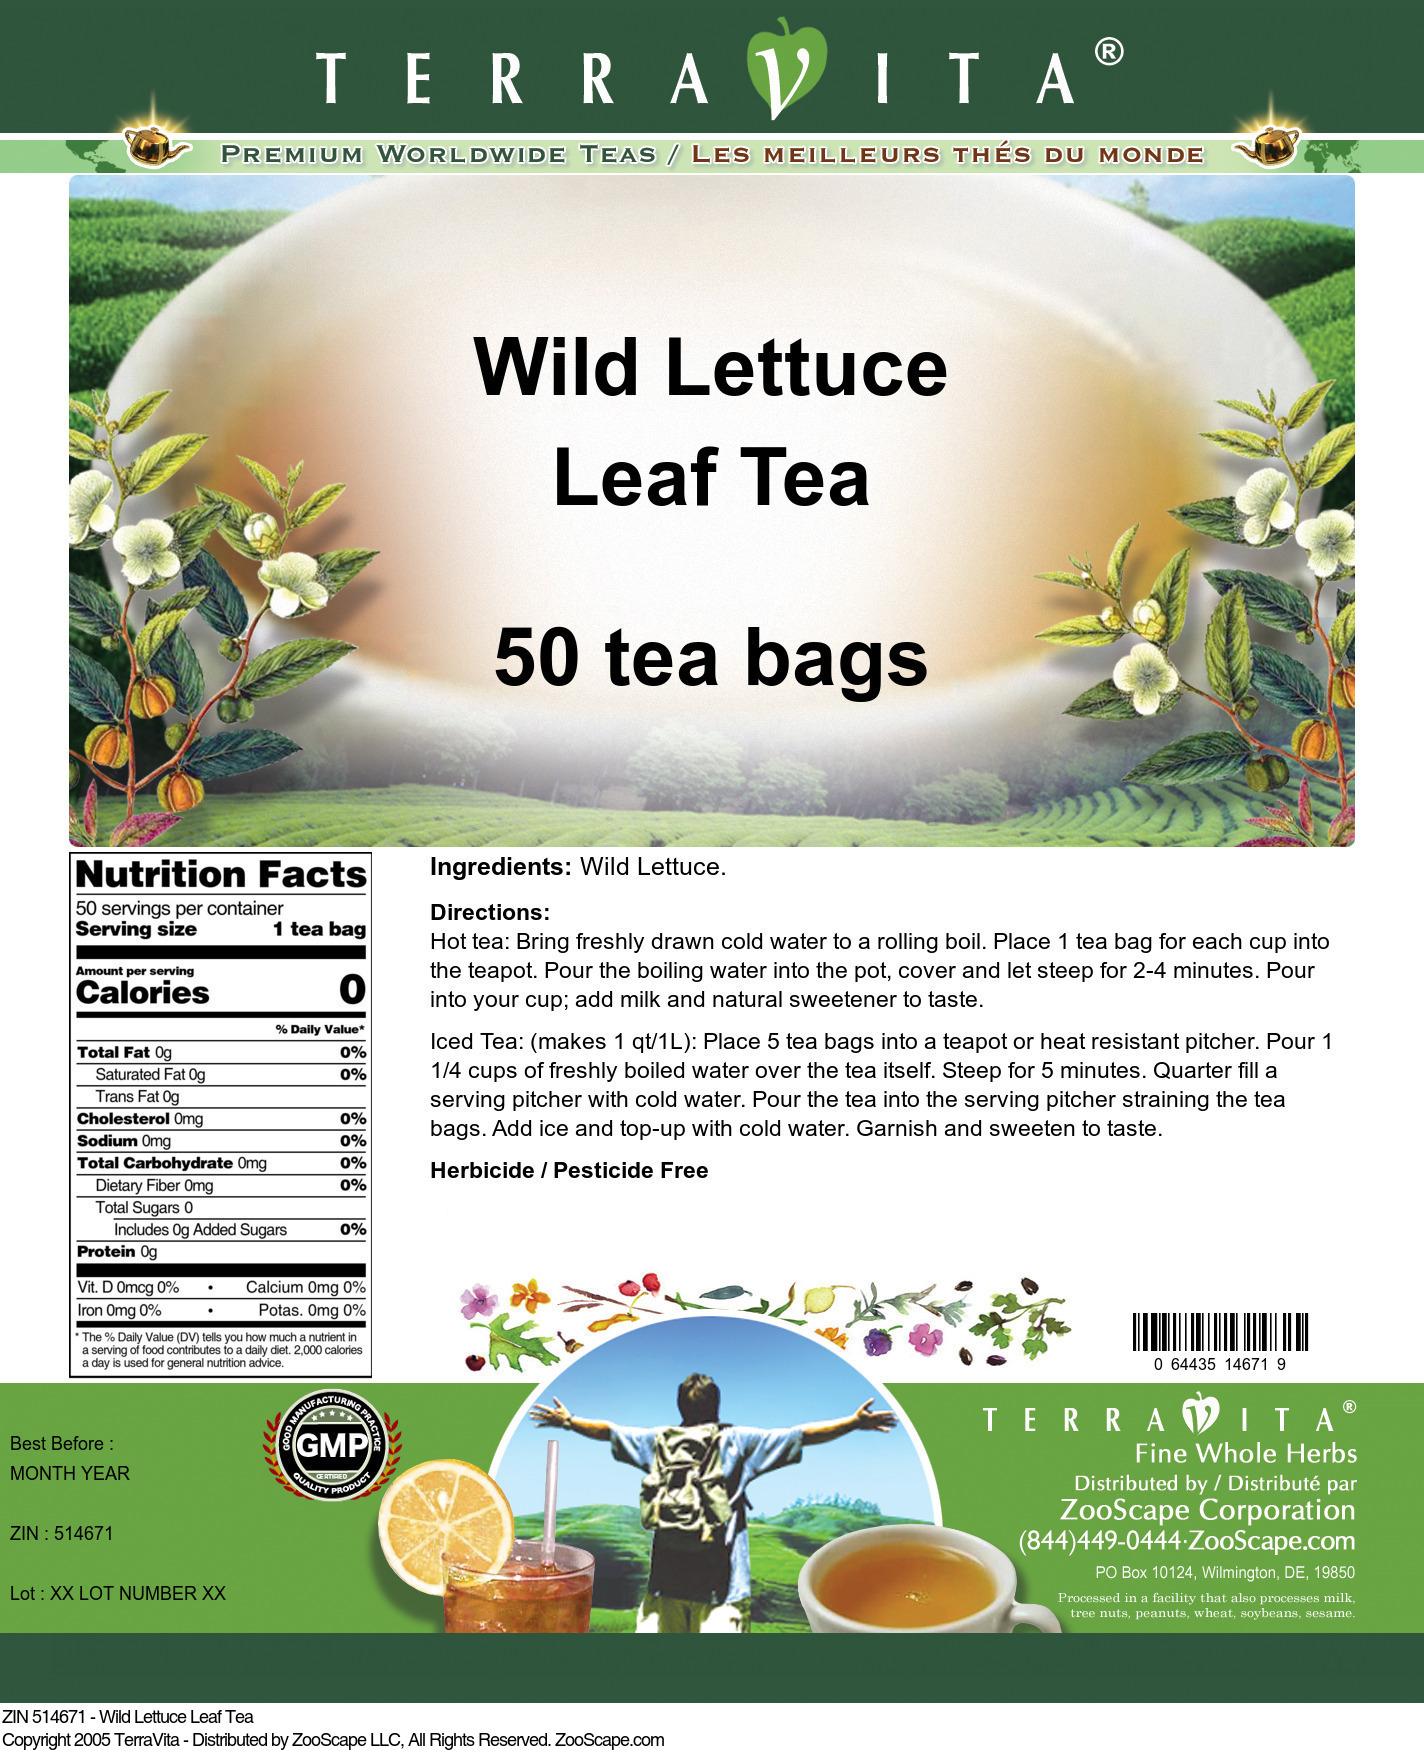 Wild Lettuce Leaf Tea